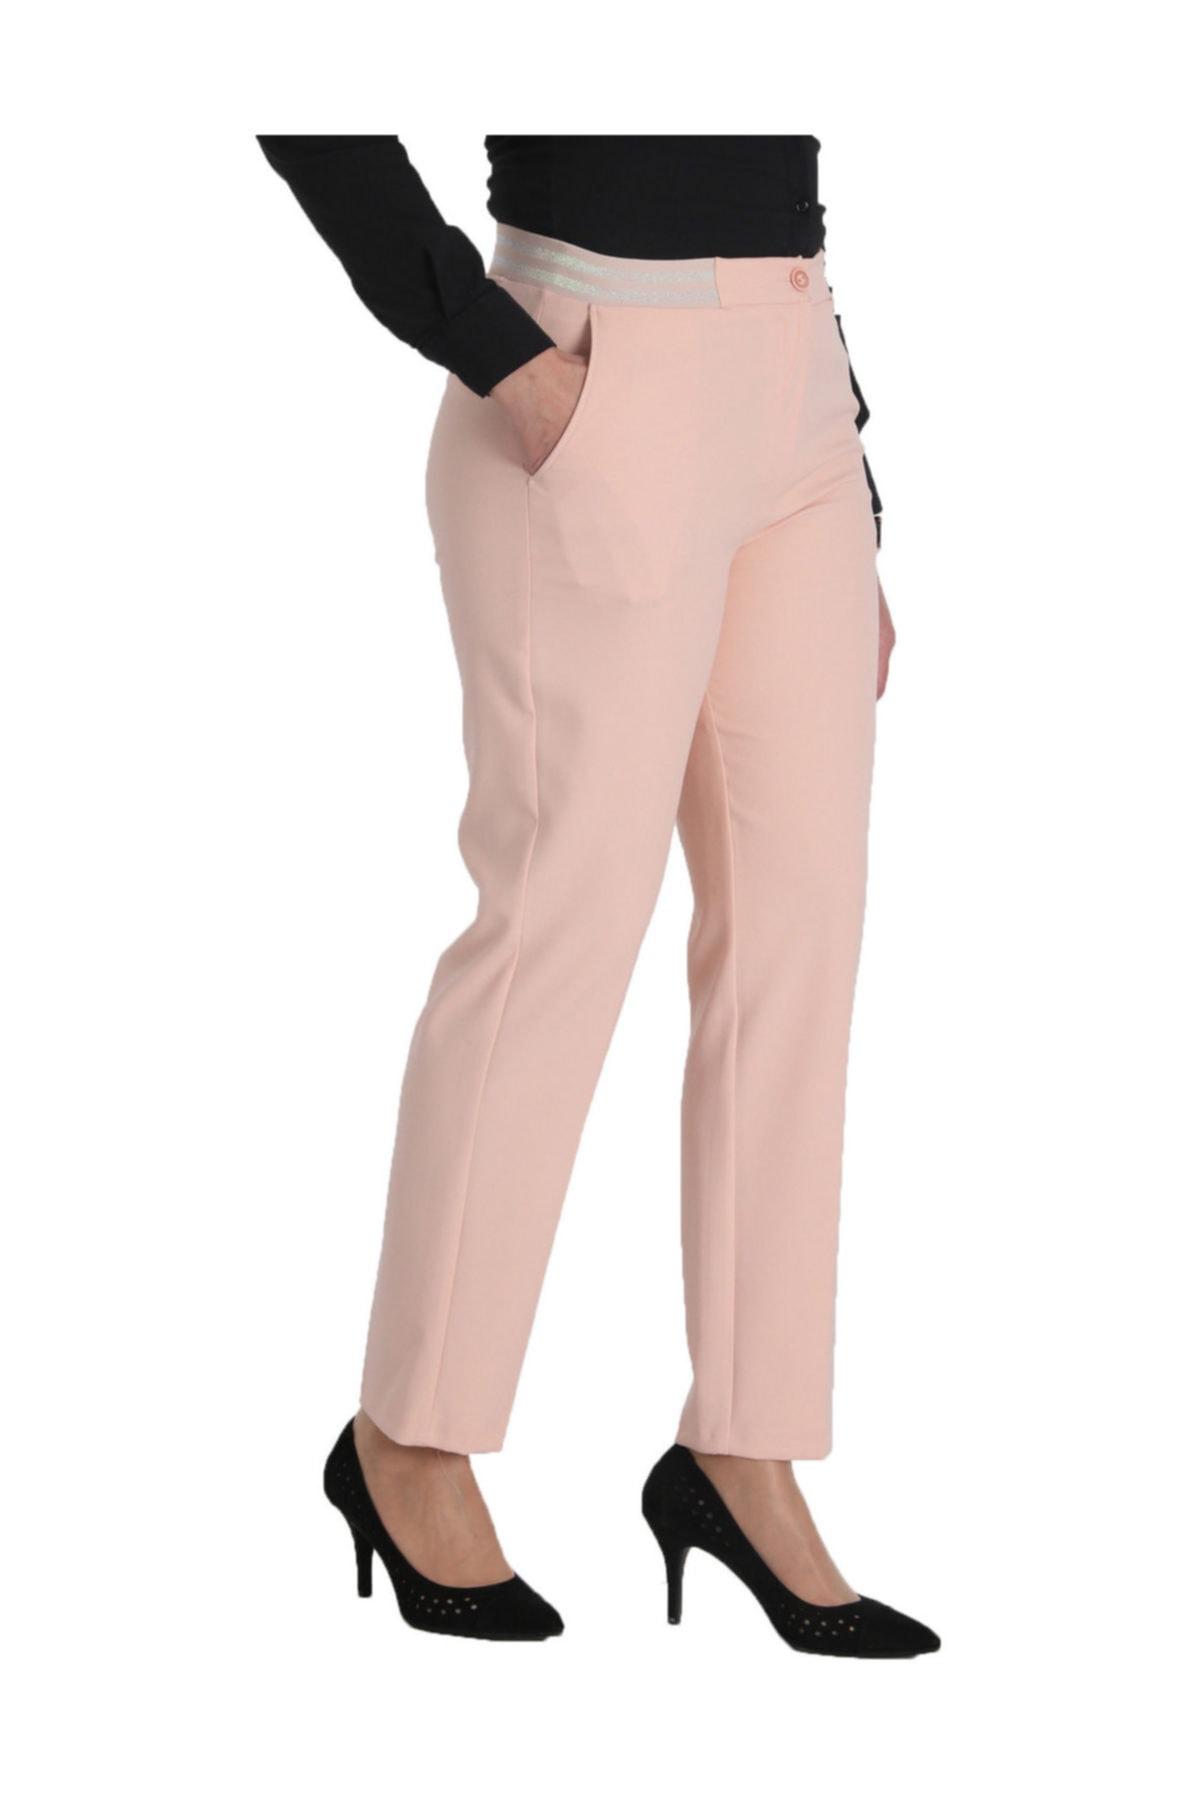 Günay Giyim Kadın Pudra Kumaş Normal Bel Düz Paça Pantolon Nvr2151 1